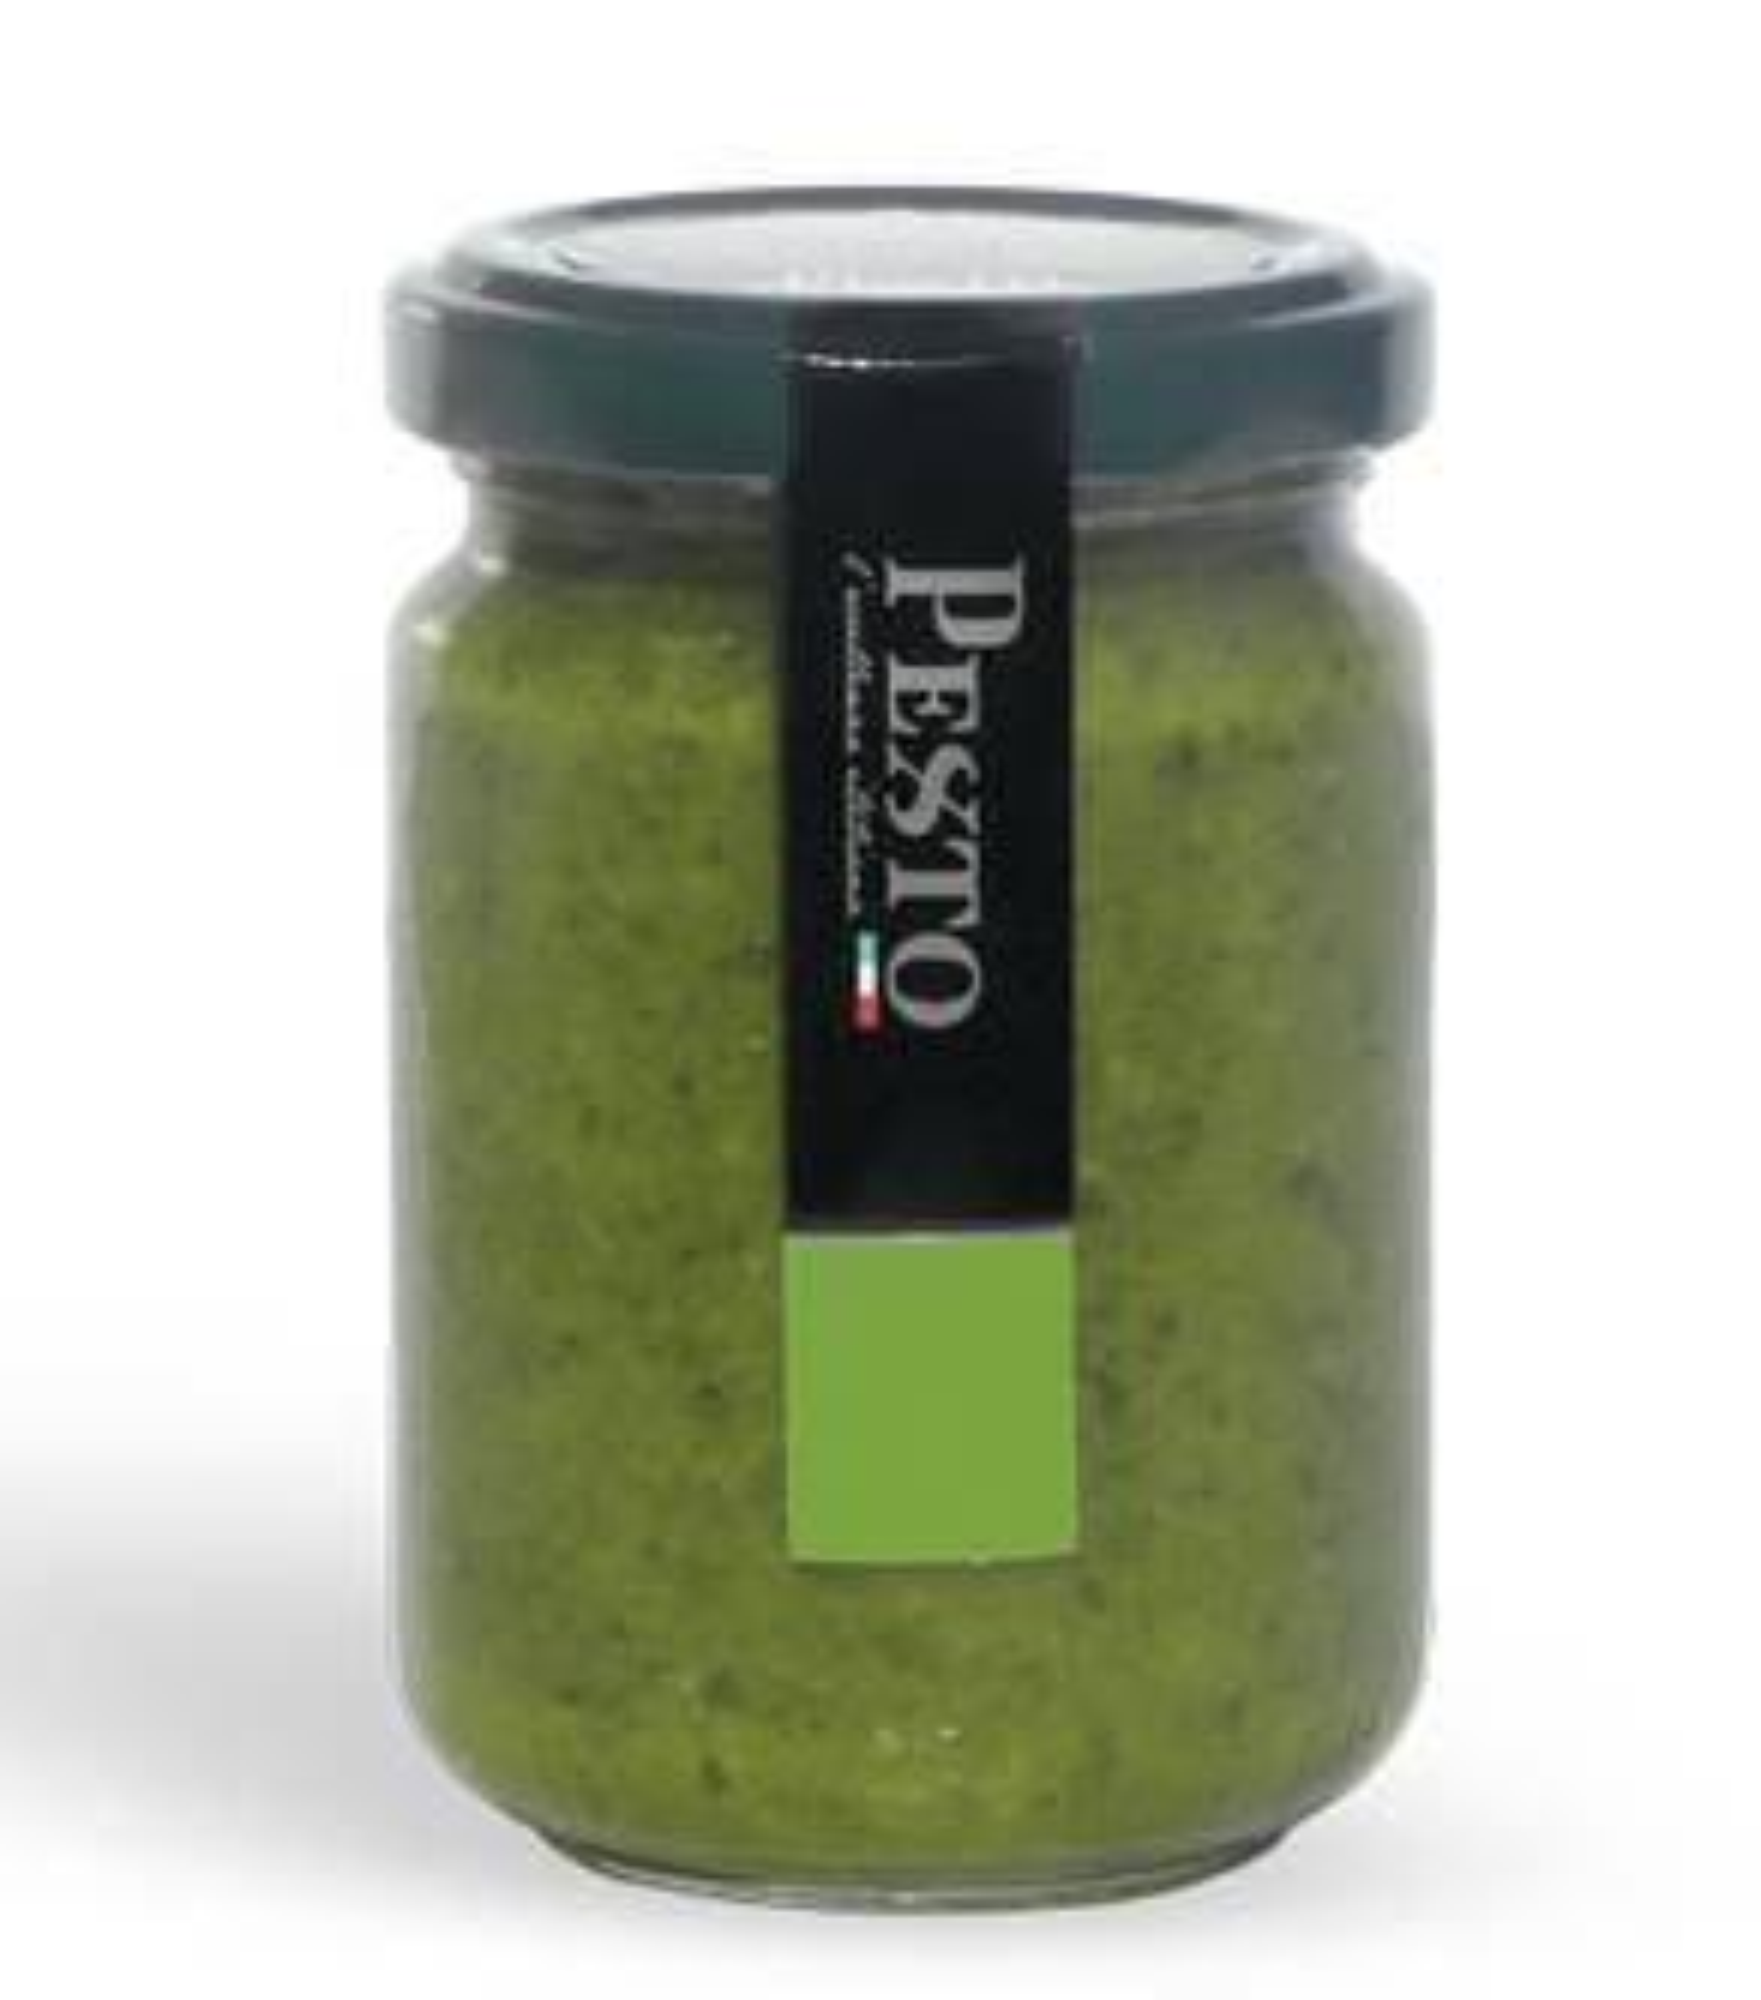 Pesto fresco alla genovese con parmigiano reggiano 25 mesi - Pexto per Amore